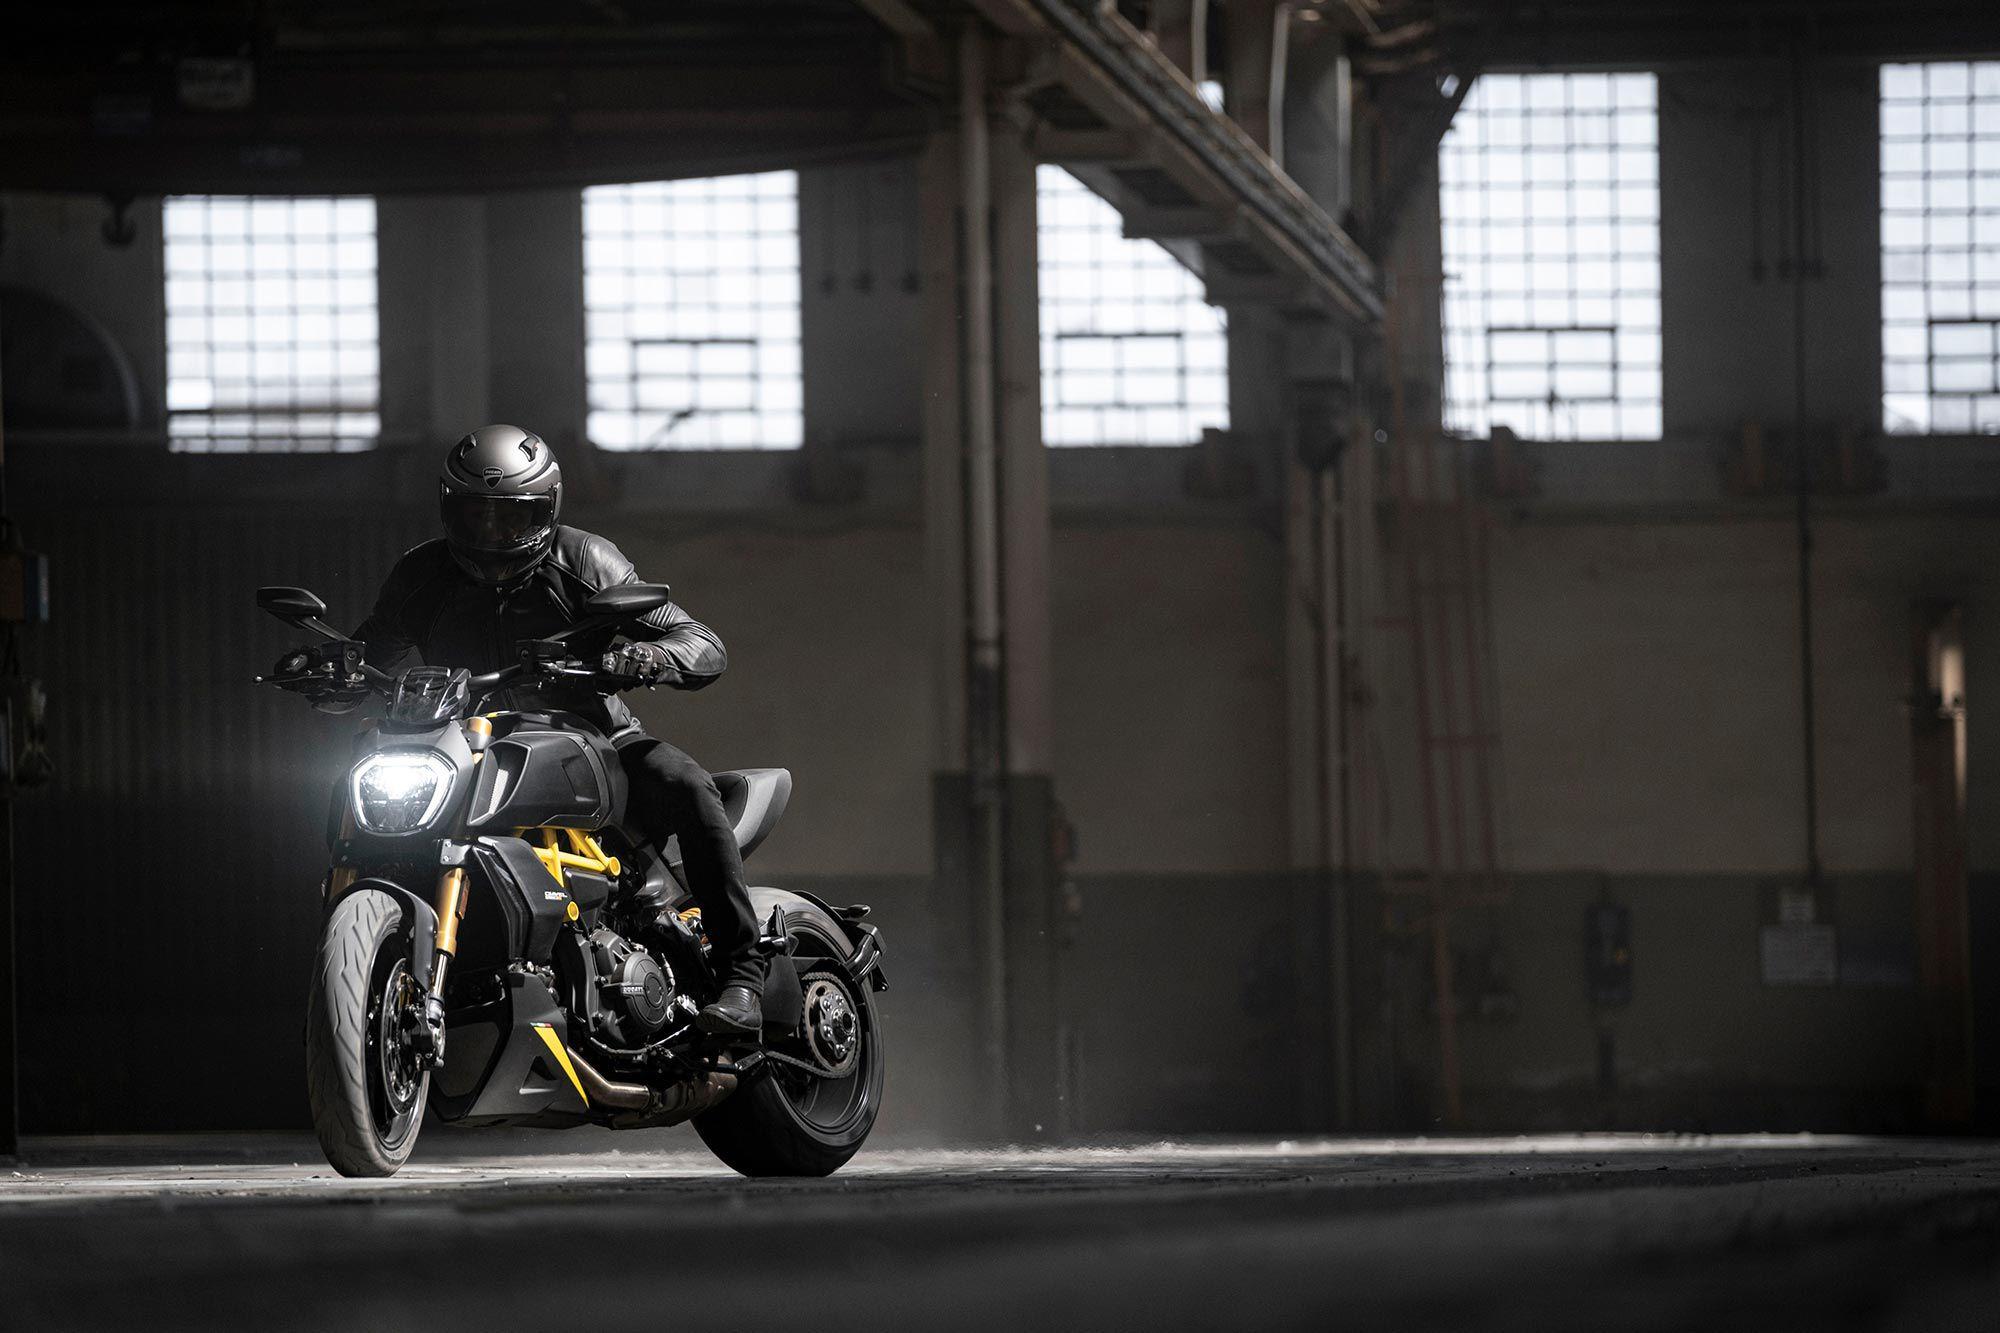 Ducati houdt zijn power cruiser net zo stijlvol als altijd met de Black and Steel.